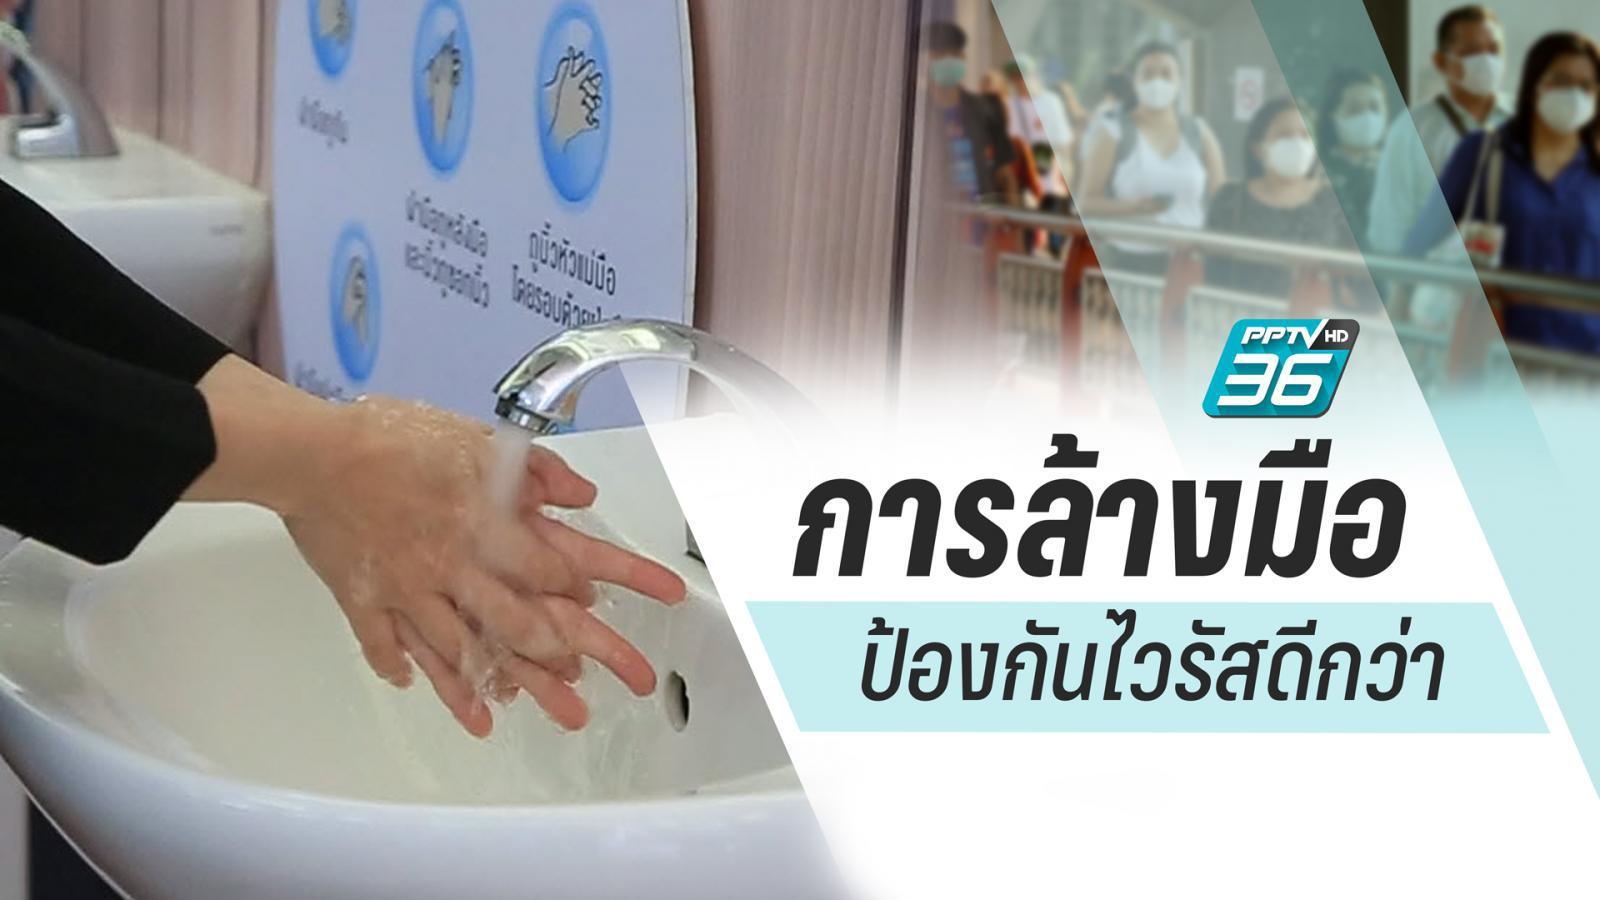 องค์การอนามัยโลกชี้สวมหน้ากากอนามัยป้องกันโรคได้ แต่ไม่ดีเท่าล้างมือ